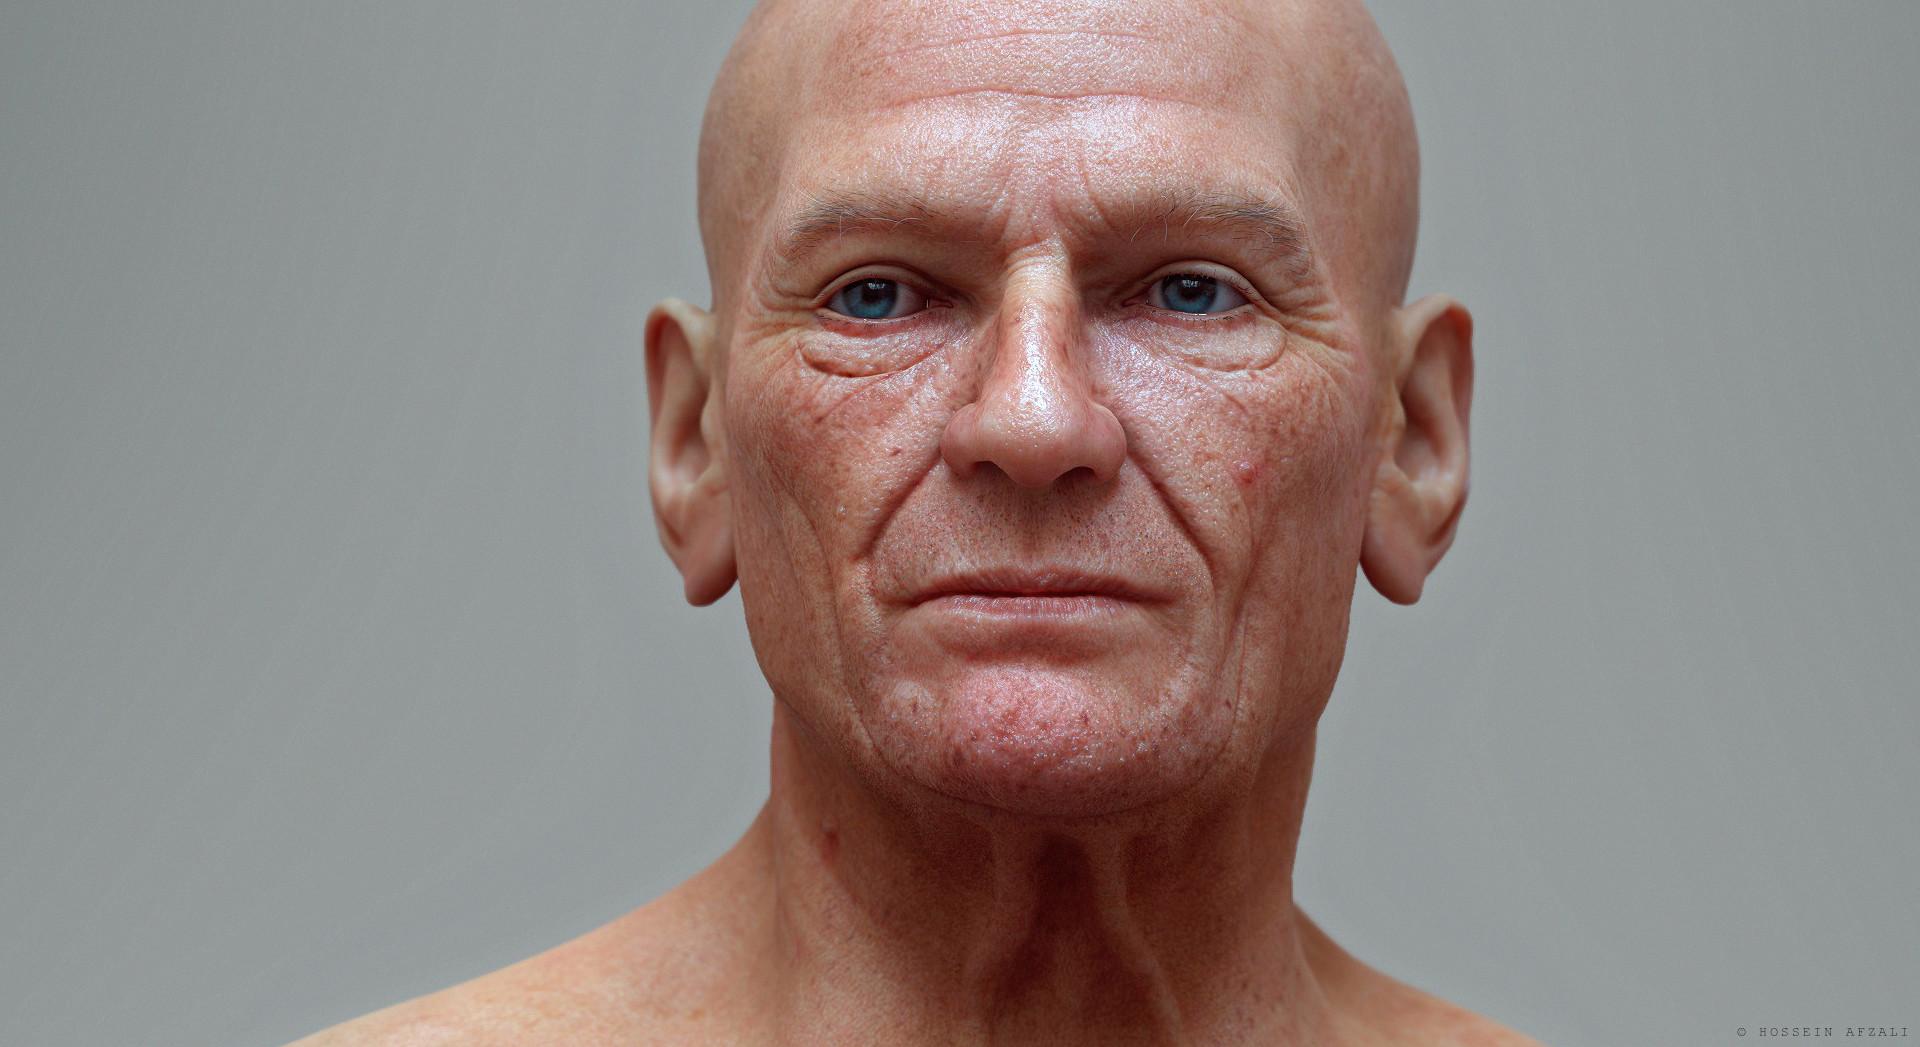 deformed face man - 944×745